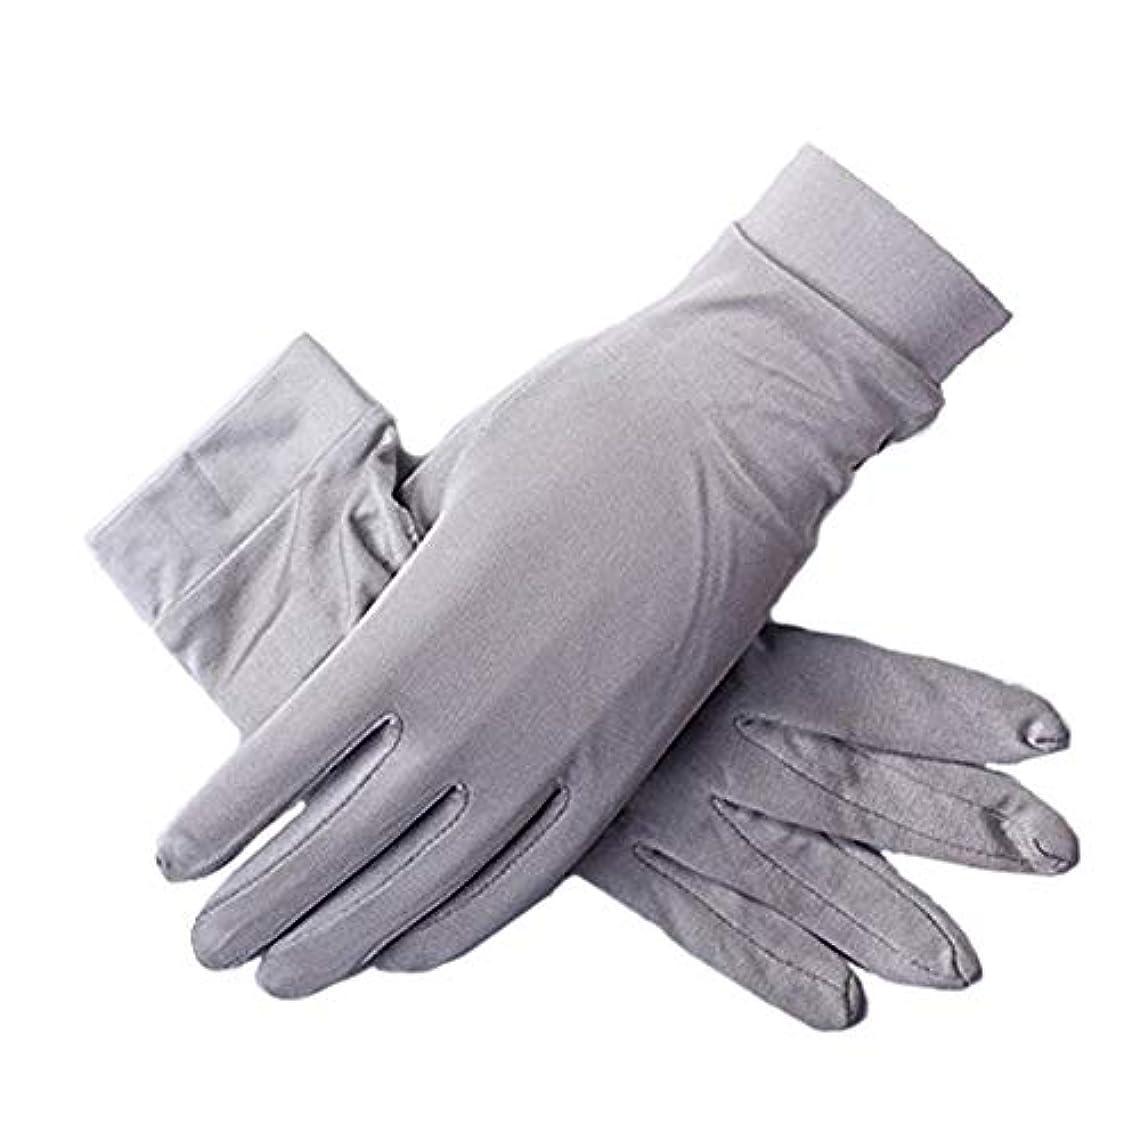 強います難しいかまどシルク手袋手袋 シルク uvカット おやすみ 手触りが良い 紫外線 日焼け防止 手荒い 保湿 夏 ハンド ケア レディースメンズ